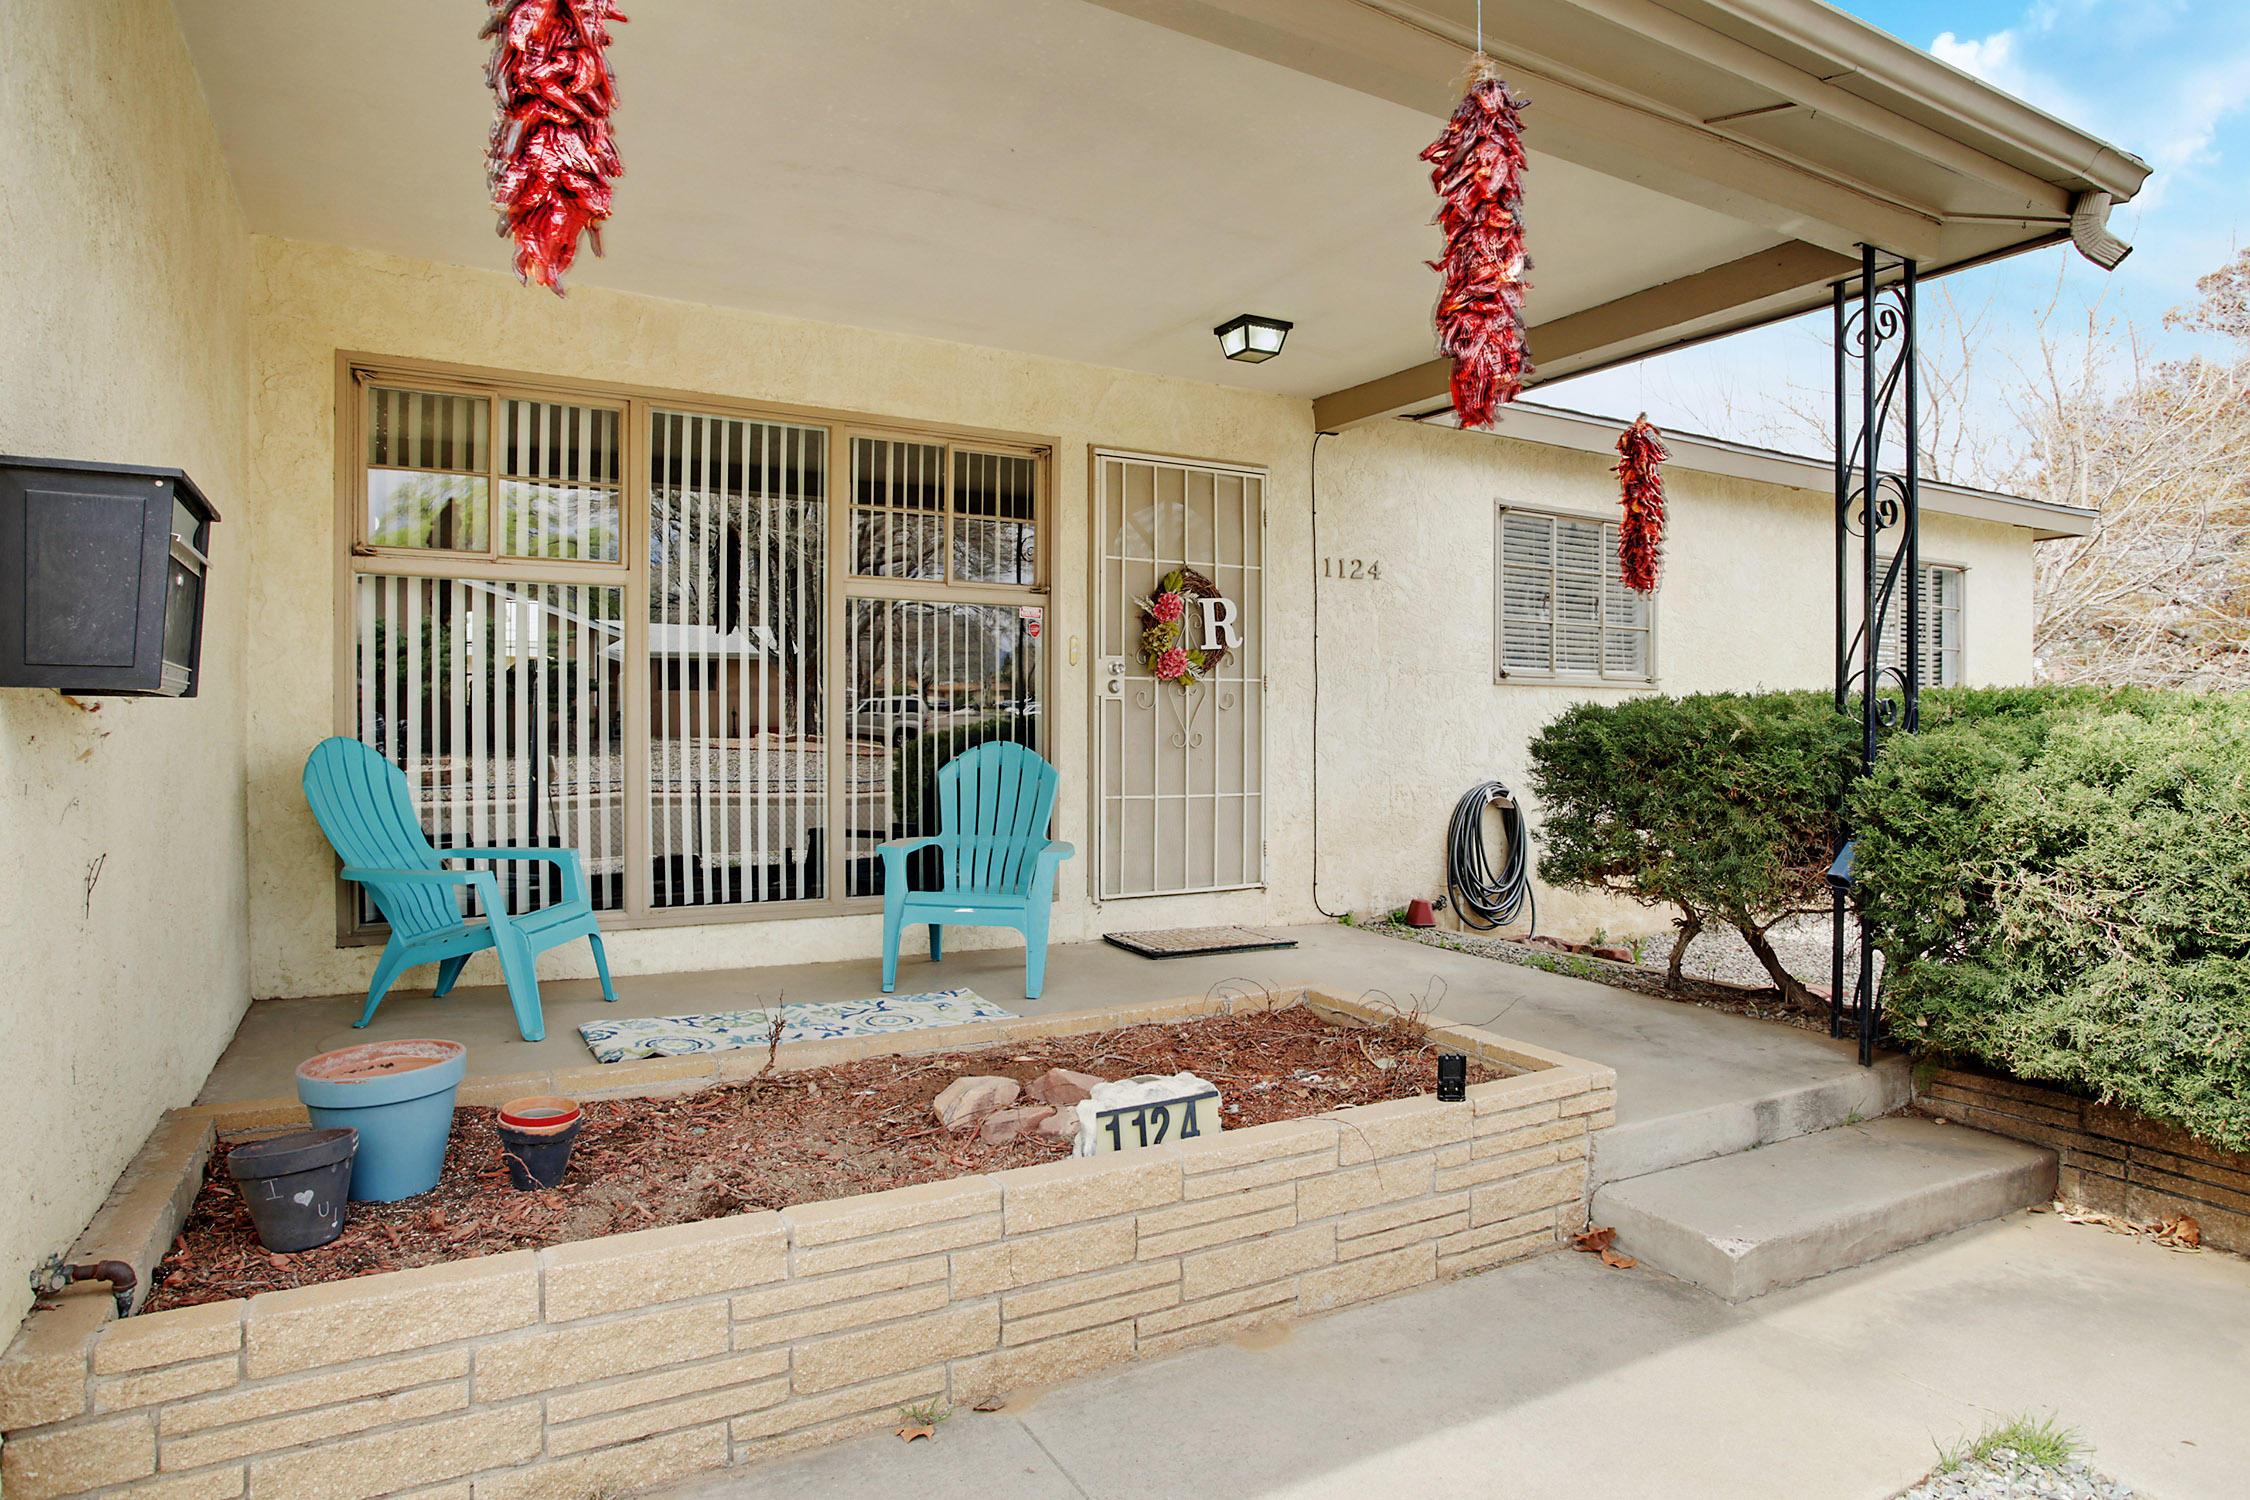 1124 Parsifal Street, Albuquerque NM 87112